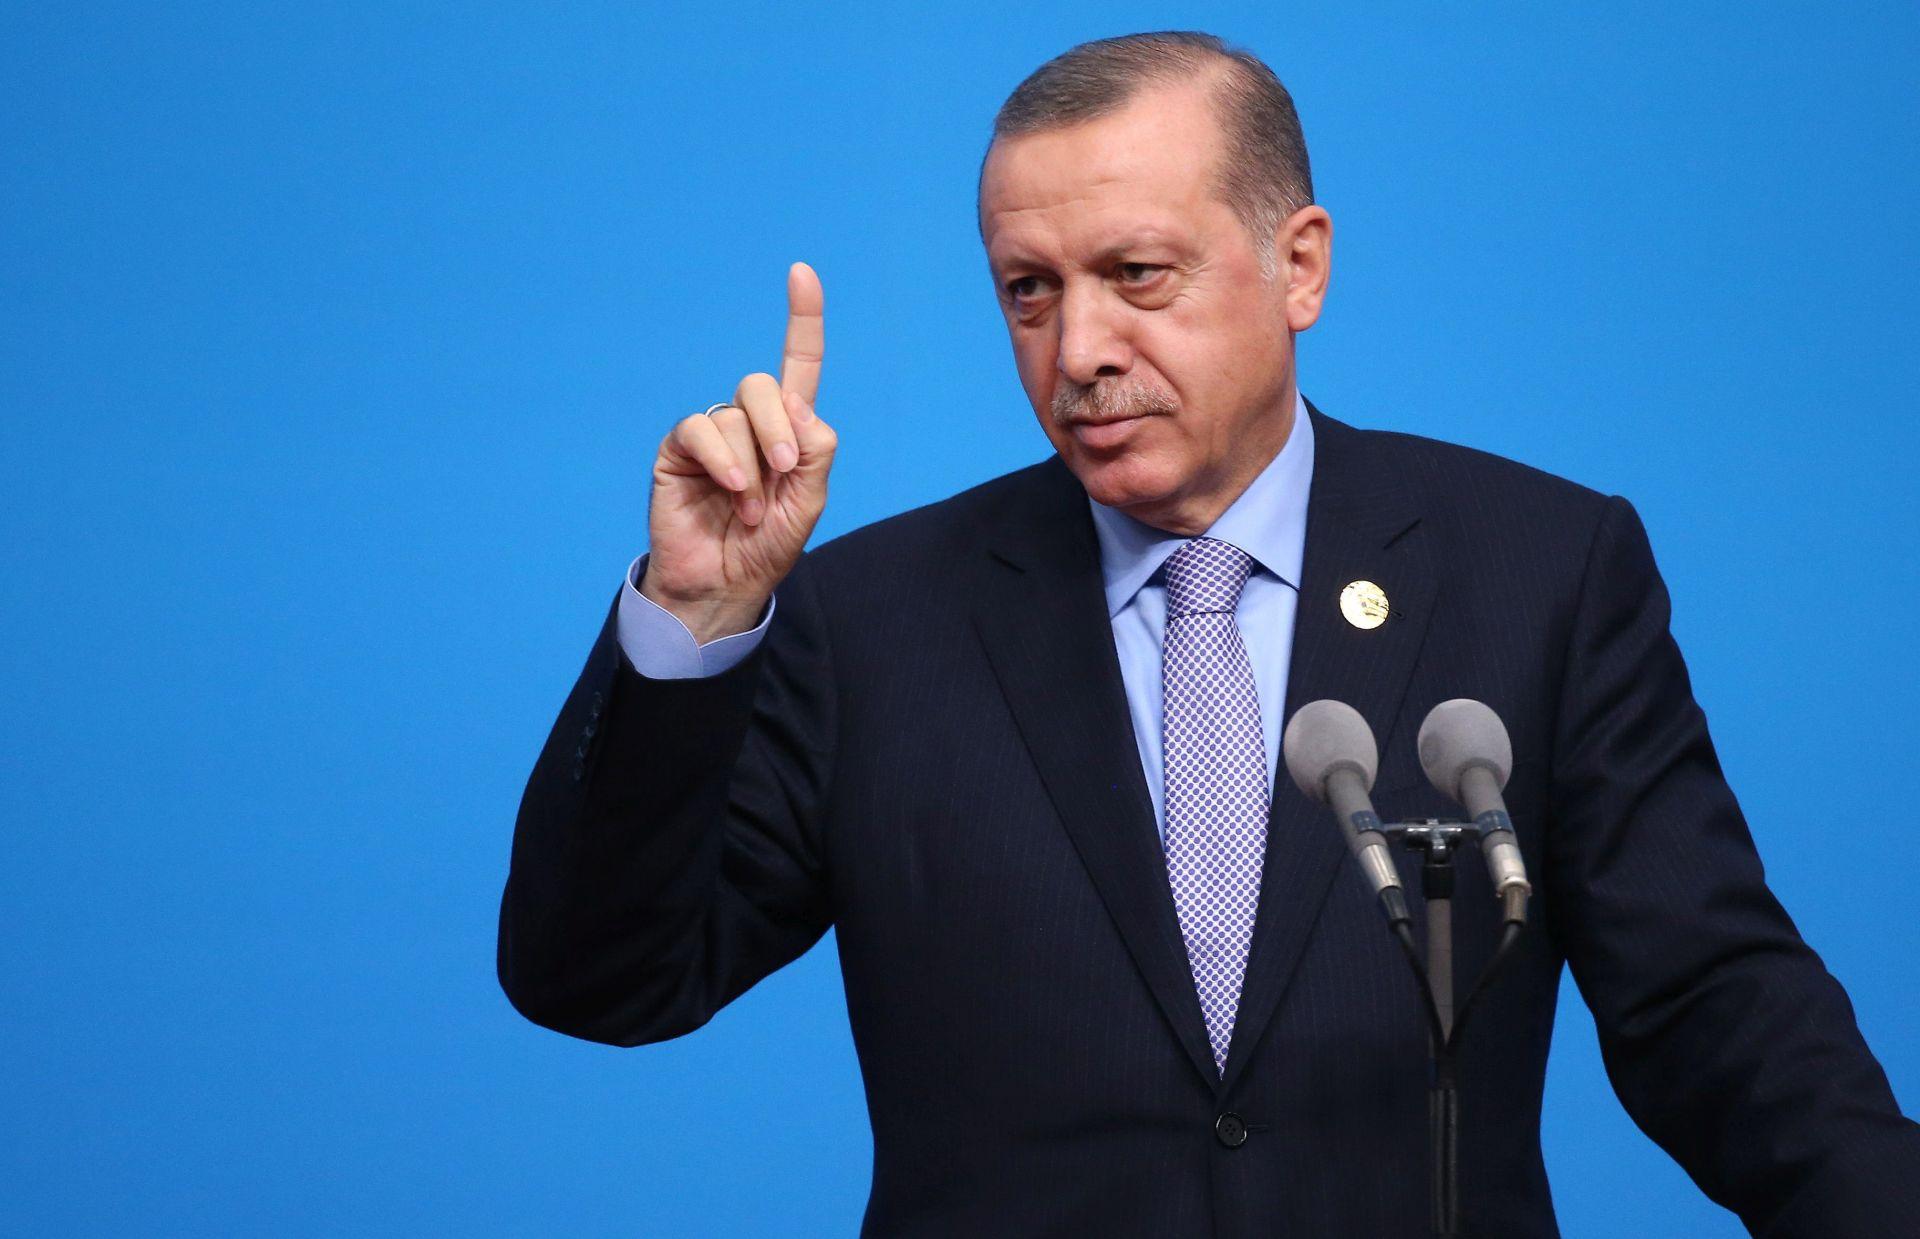 Erdogan doputovao u Sarajevo, prate ga jake mjere osiguranja